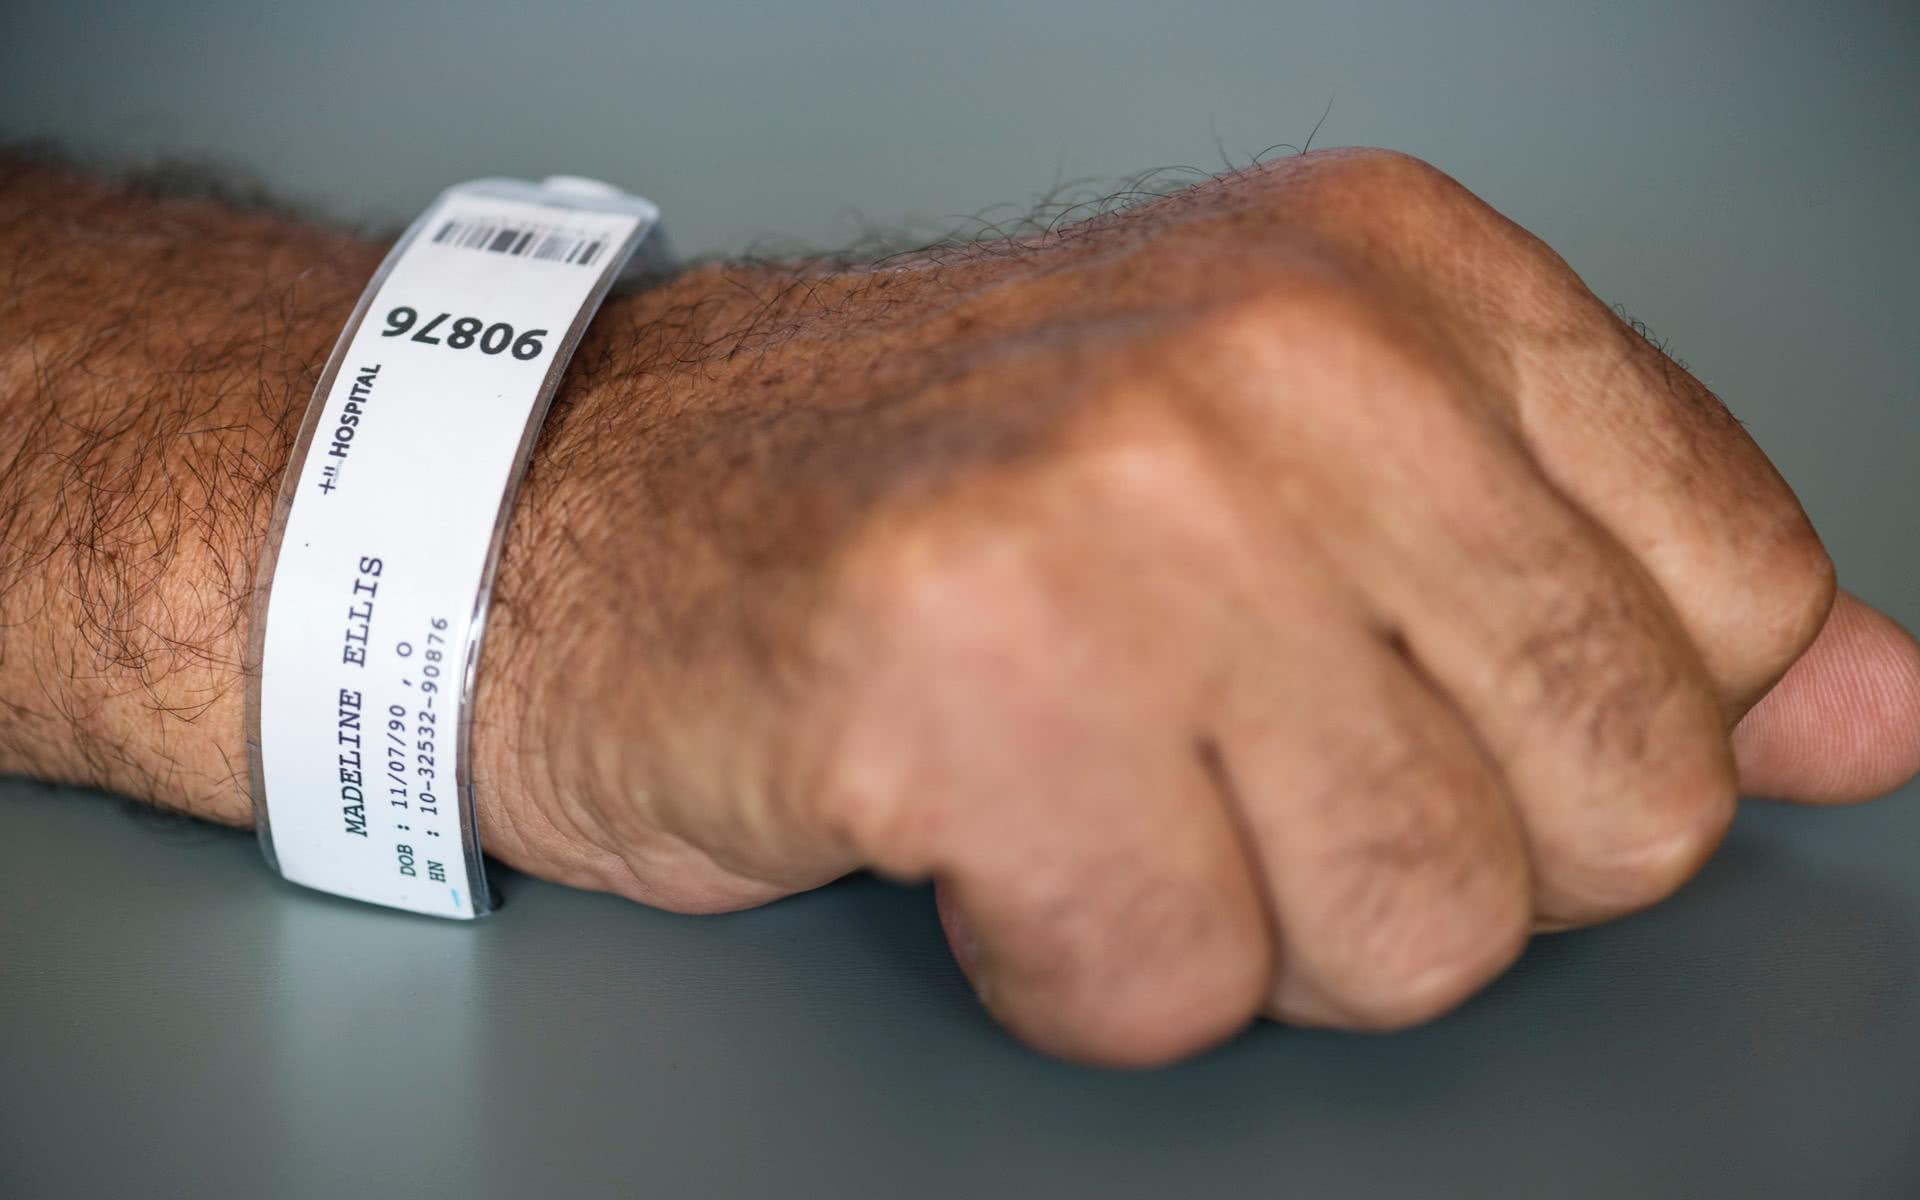 强大的RFID标签支持